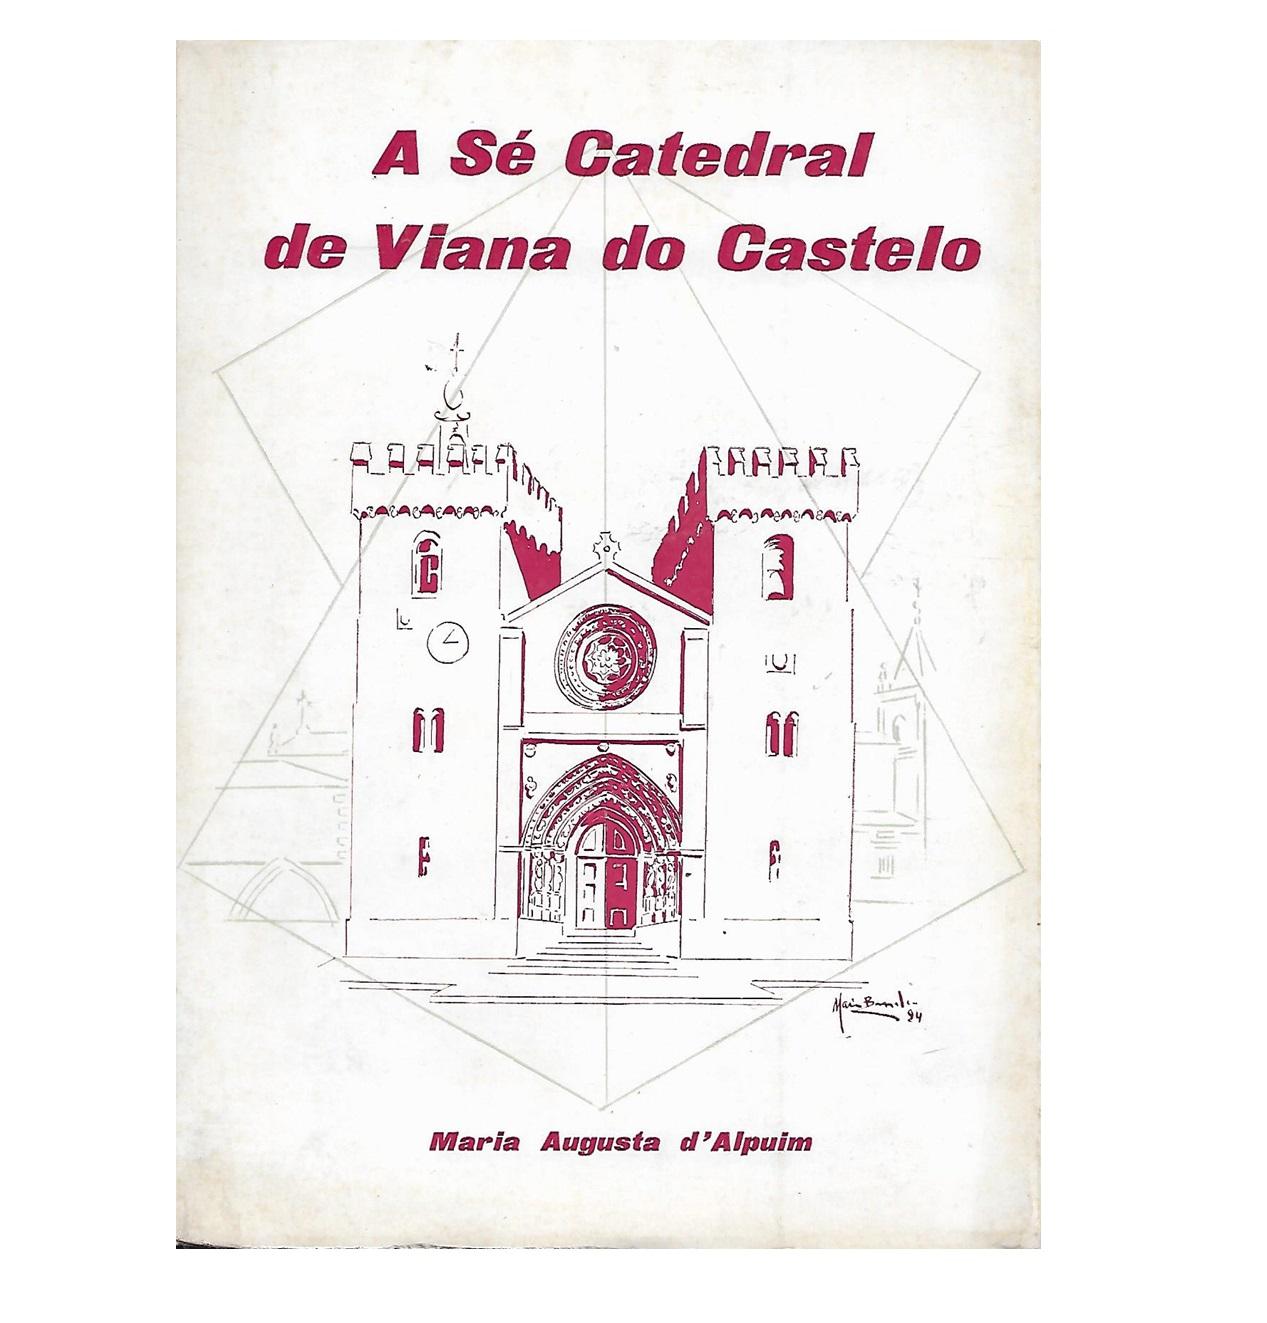 A Sé Catedral de Viana do Castelo